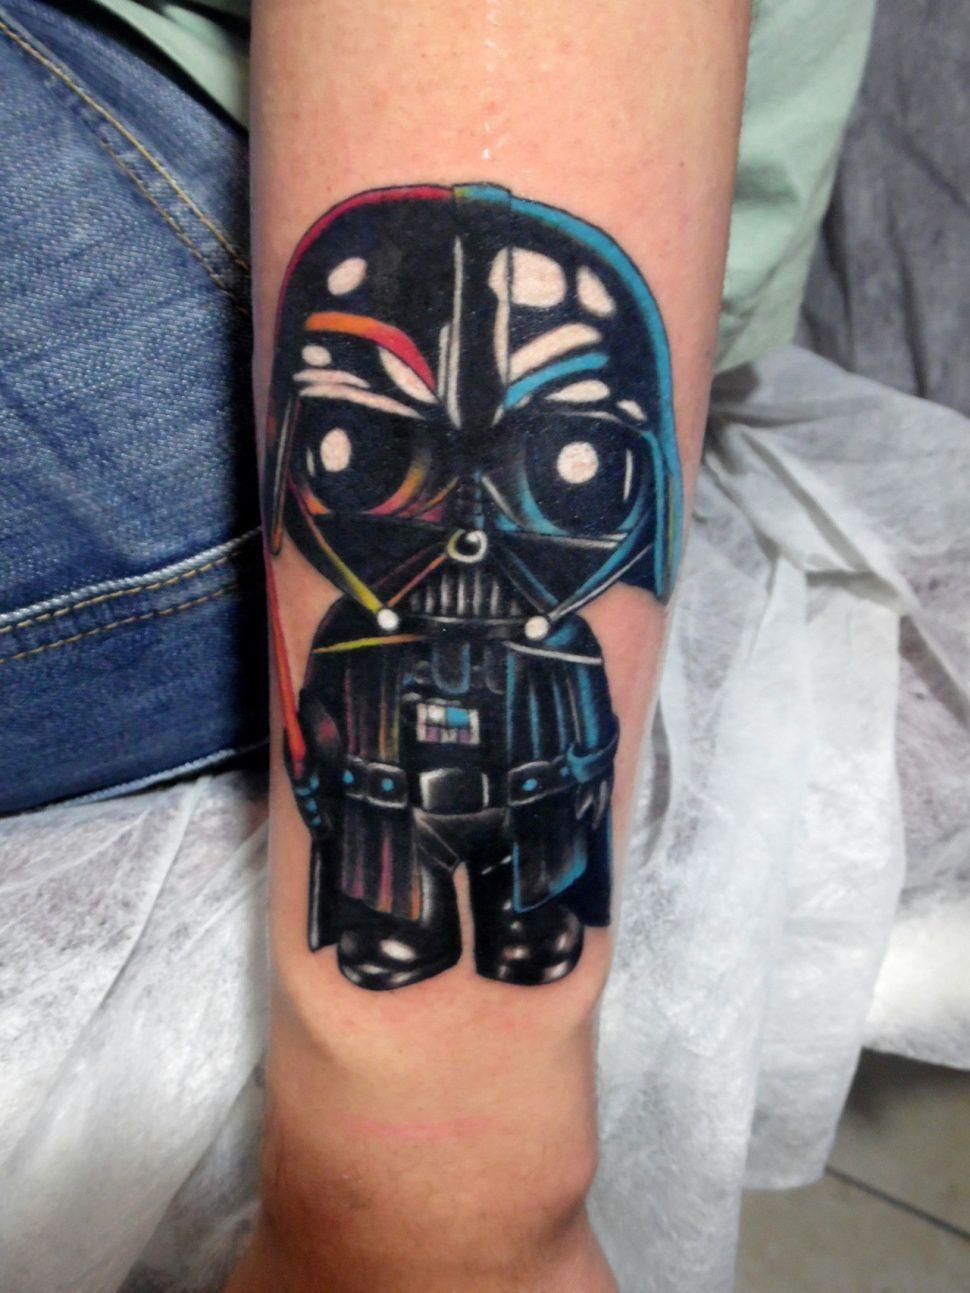 Stewie Vader tattoo done at Yavuz Simgeci Tattoo Studio | Stewie ... - Tattoo Studio Bielefeld